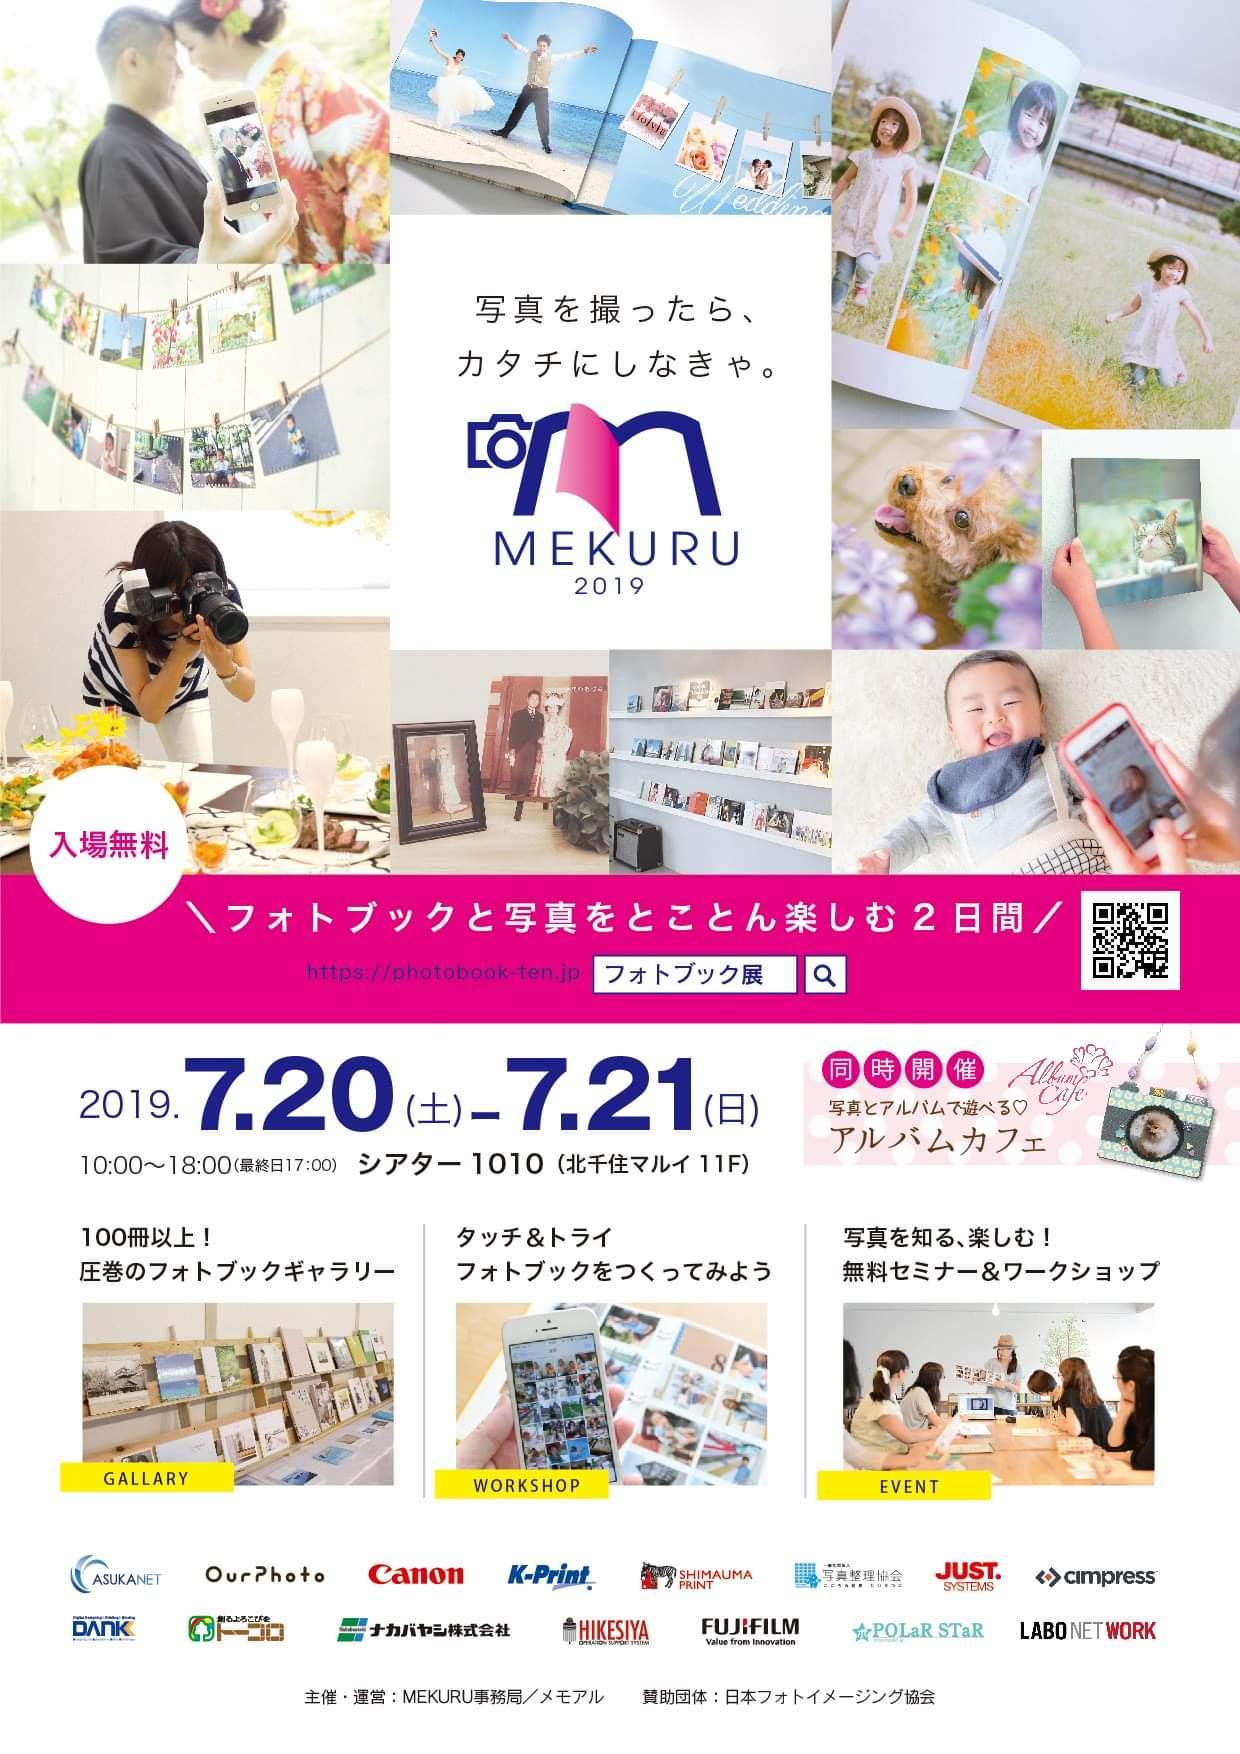 第2回フォトブック展「MEKURU」7/20、21東京北千住で開催